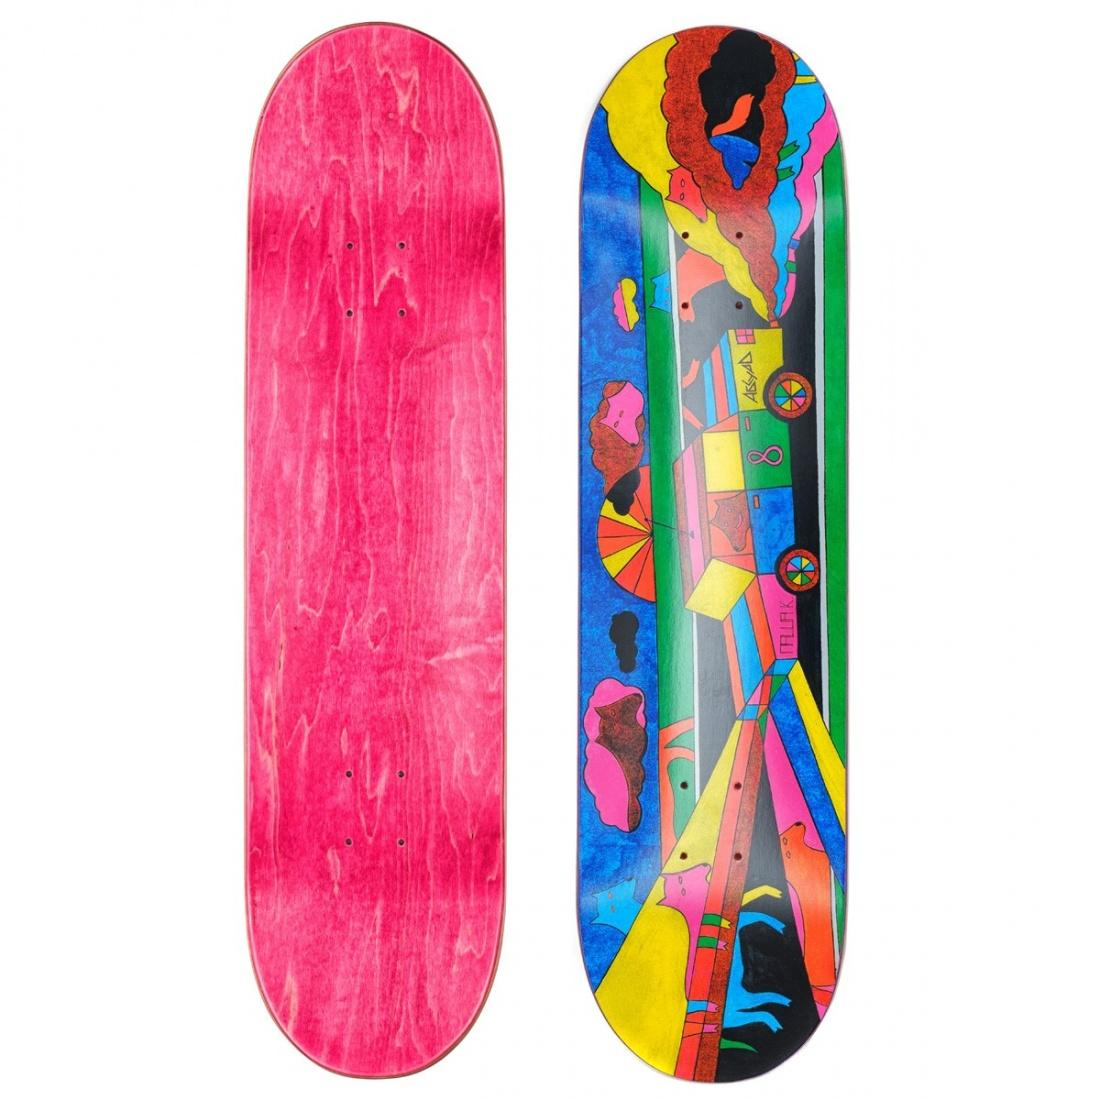 Дека для скейтборда Абсурд 8 Лошадей купить в Boardshop №1